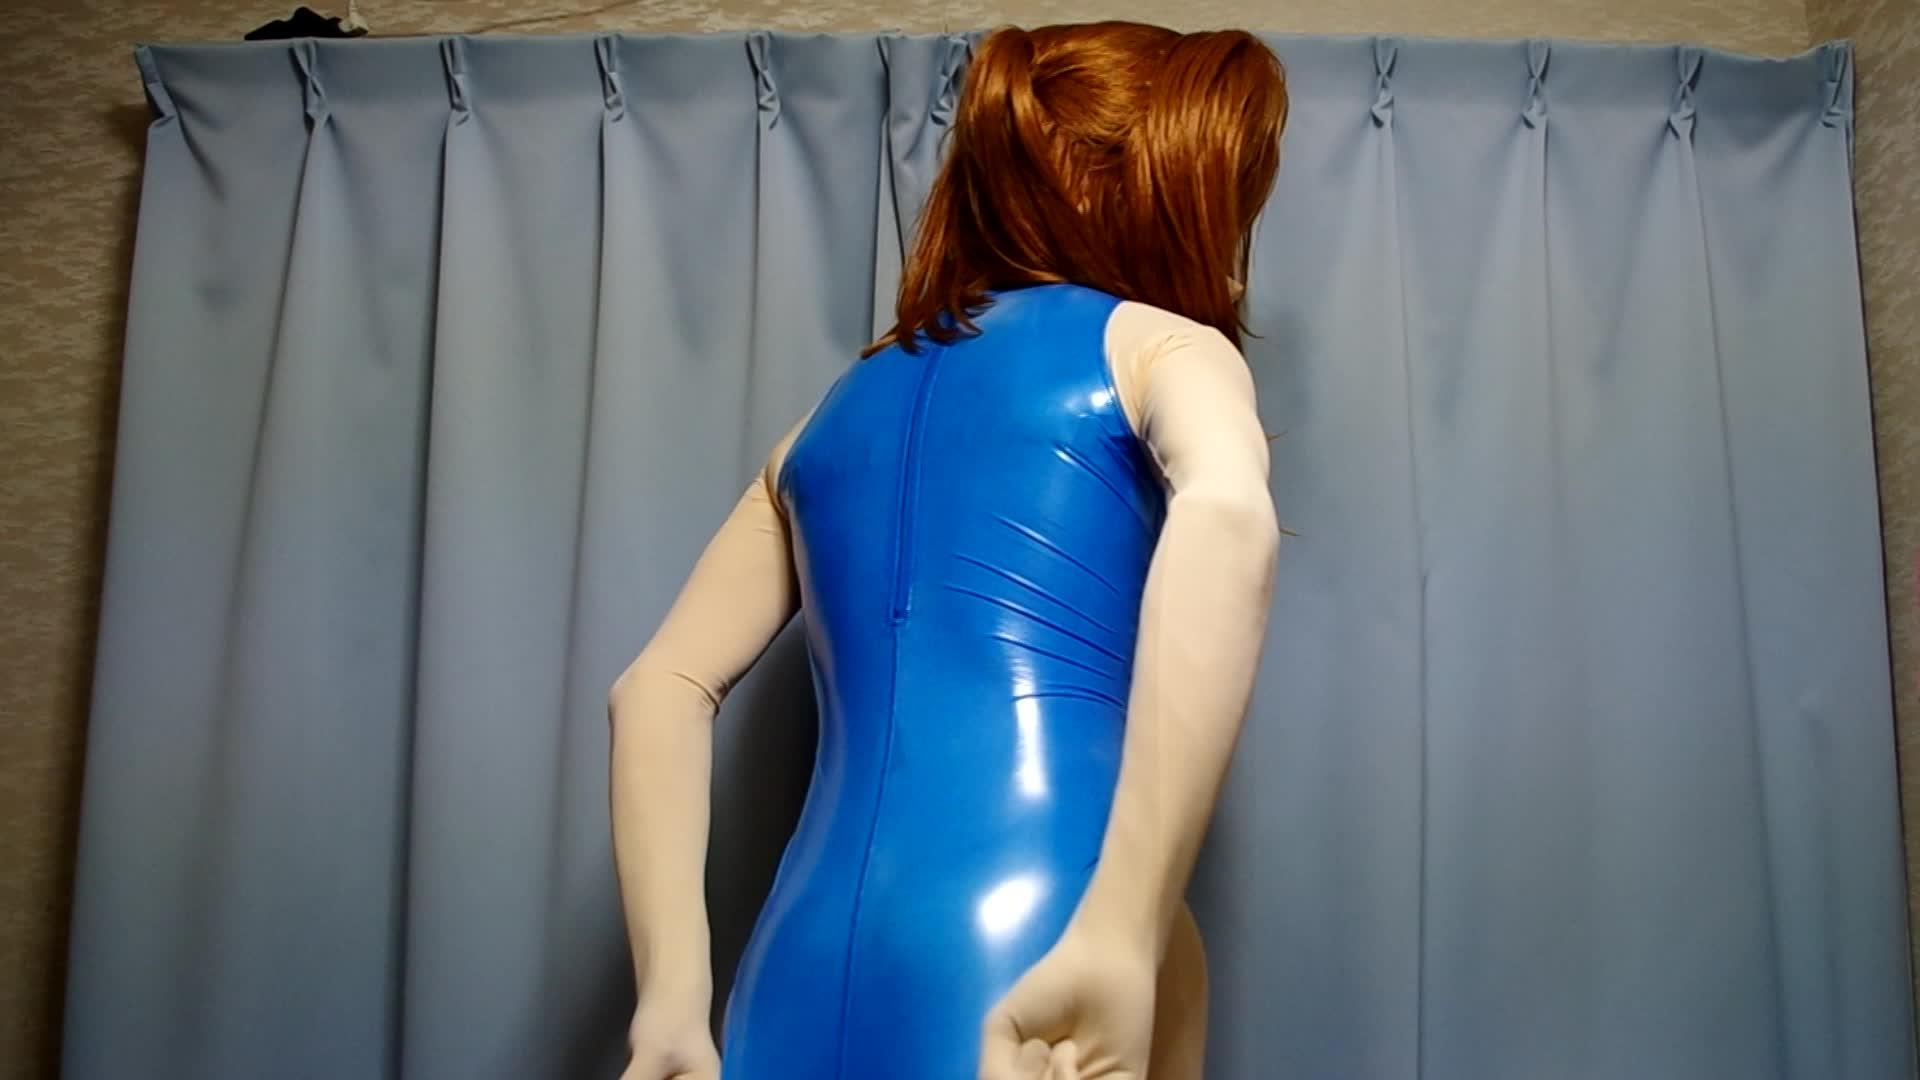 ピッタリの身体のラインがハッキリ見えるレオタード姿の着ぐるみ25次元女子のオナニー